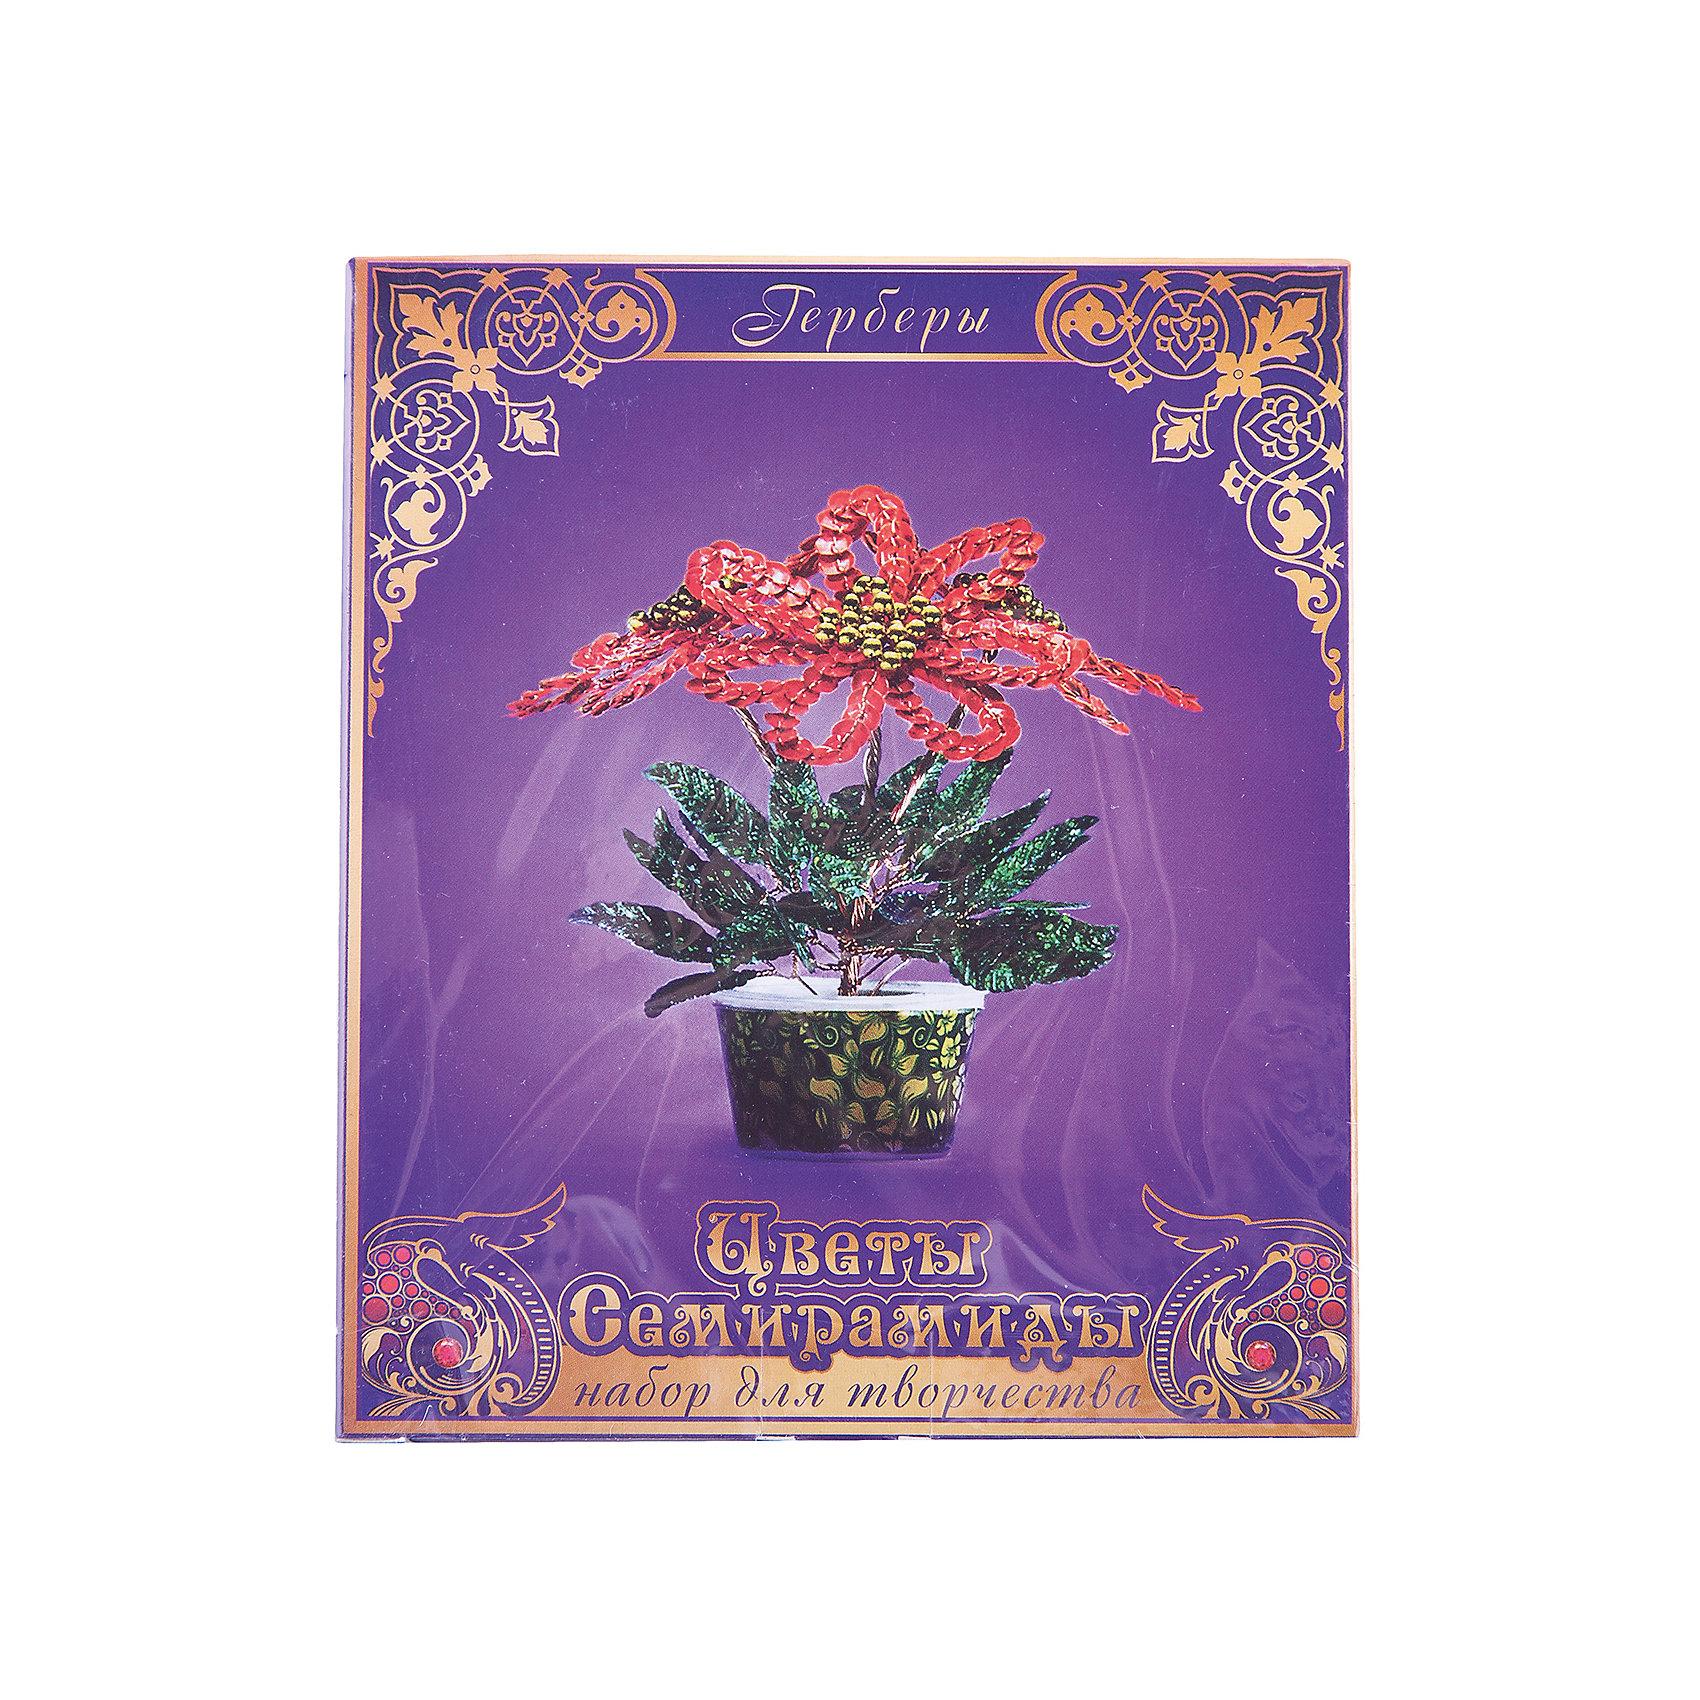 Набор для творчества Цветы Семирамиды ГерберыСерия «Цветы Семирамиды» представляют собой комплект необходимых<br>материалов, используя которые можно создать своё «Волшебный цветок» из каждого набора. Наборы предназначены для семейного творчества.<br><br>Ширина мм: 12<br>Глубина мм: 3<br>Высота мм: 14<br>Вес г: 90<br>Возраст от месяцев: 84<br>Возраст до месяцев: 192<br>Пол: Унисекс<br>Возраст: Детский<br>SKU: 5068891